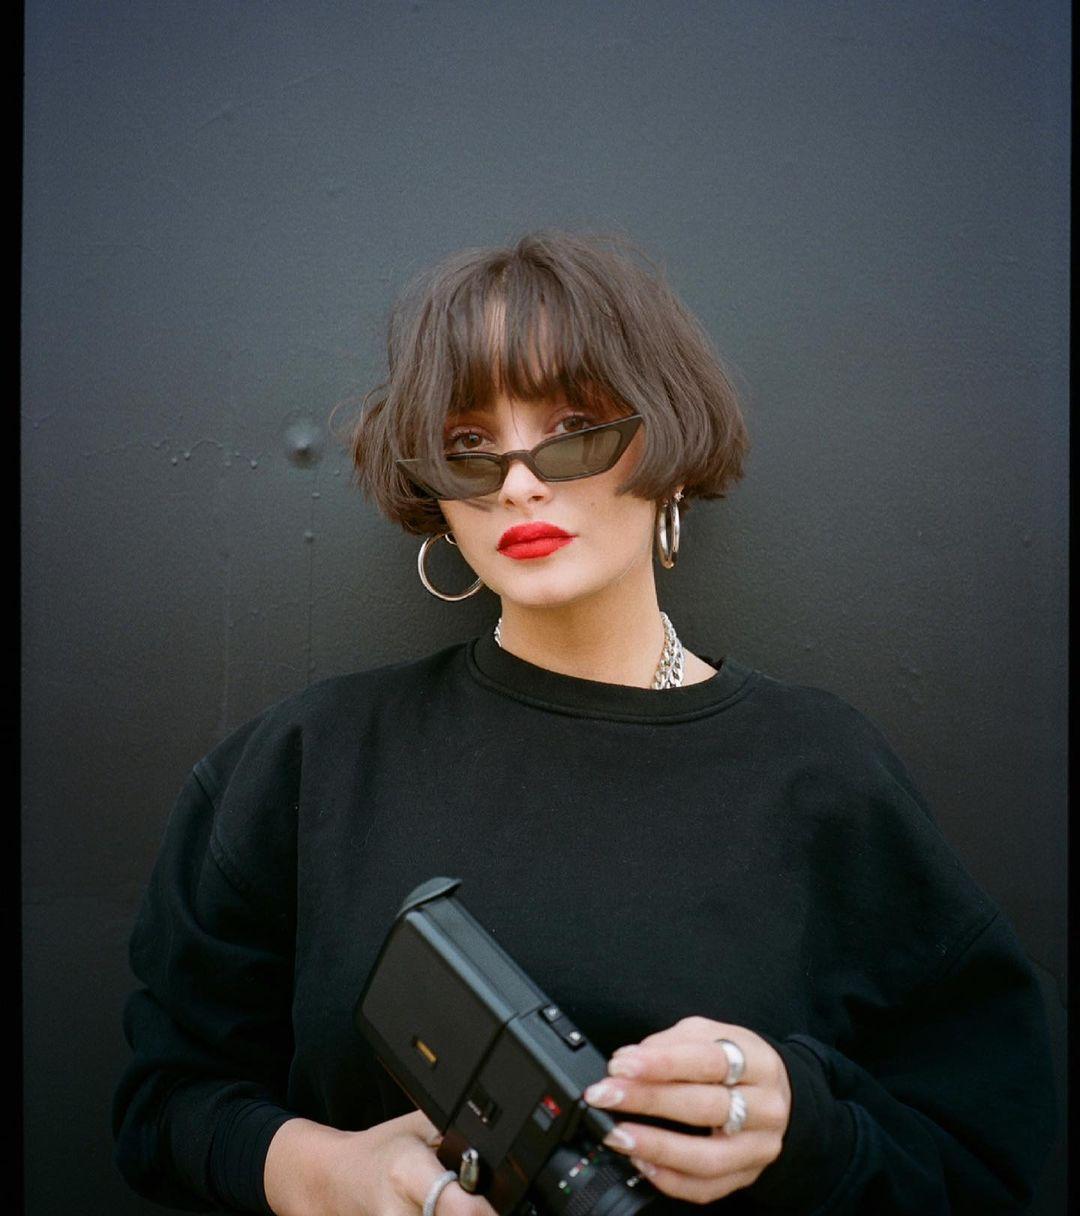 8 kiểu tóc gái Pháp luôn yêu cầu cắt khi ghé salon: Đơn giản mà cực sang chảnh, học theo thì thần thái lên hương - Ảnh 10